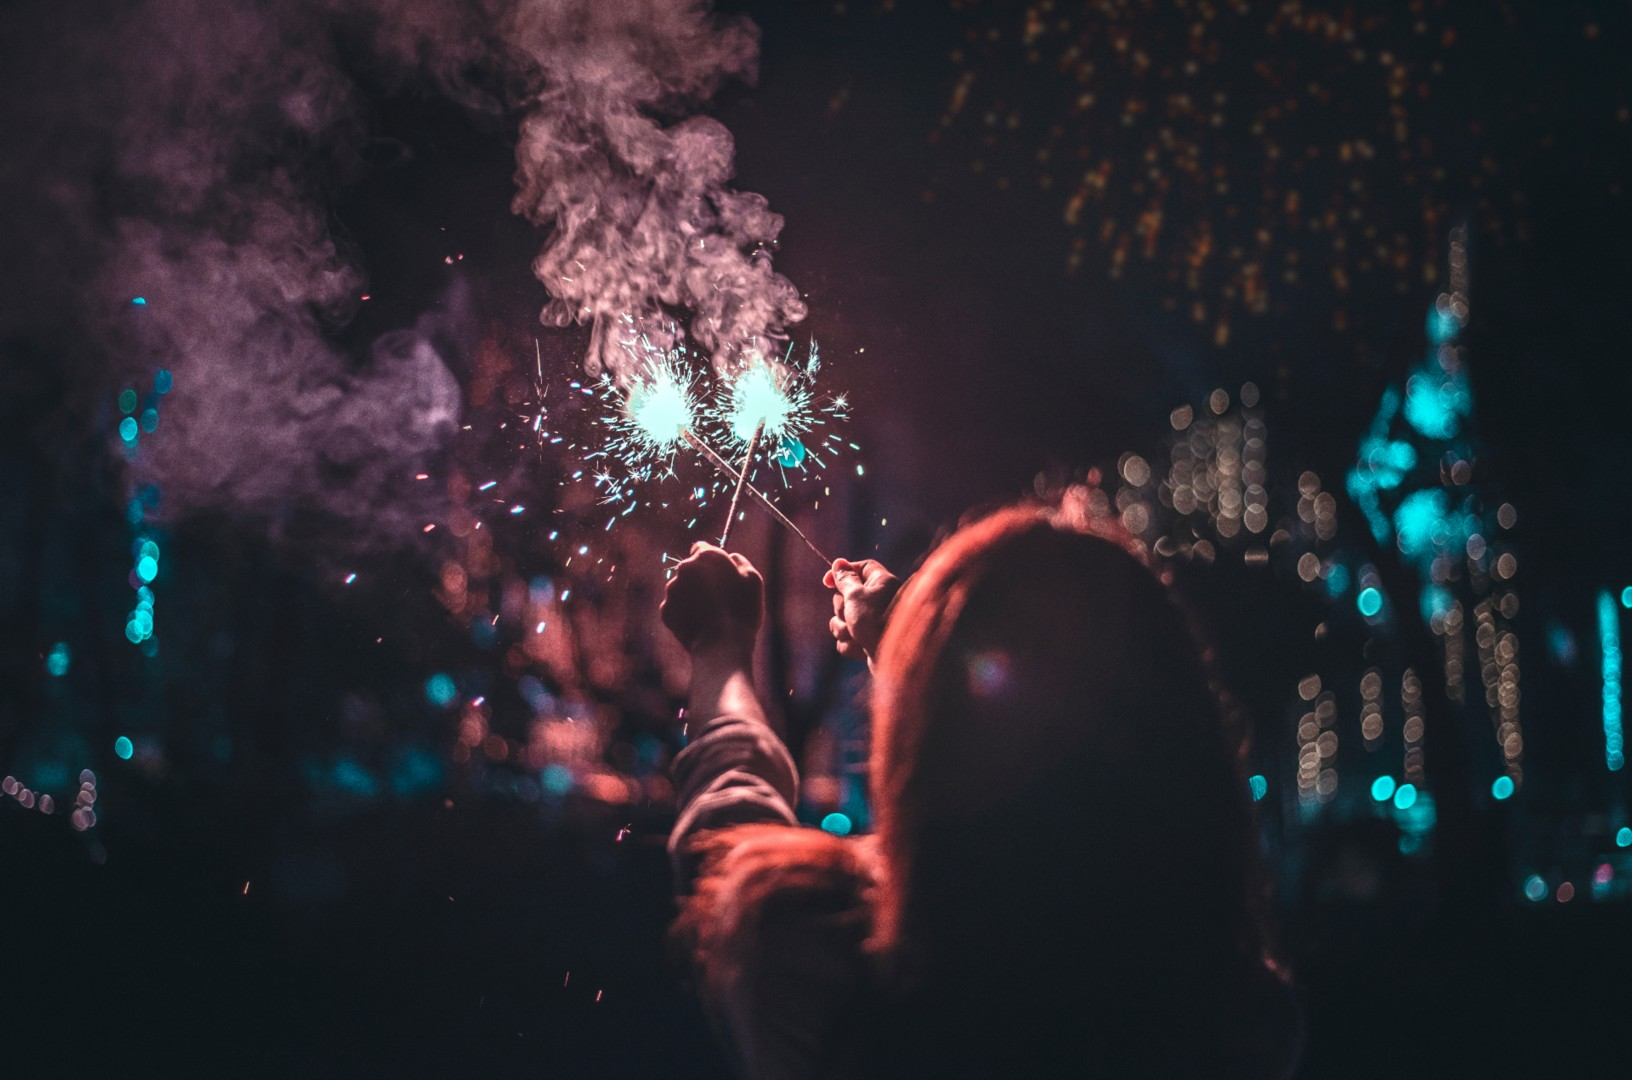 A girl holding firecracker